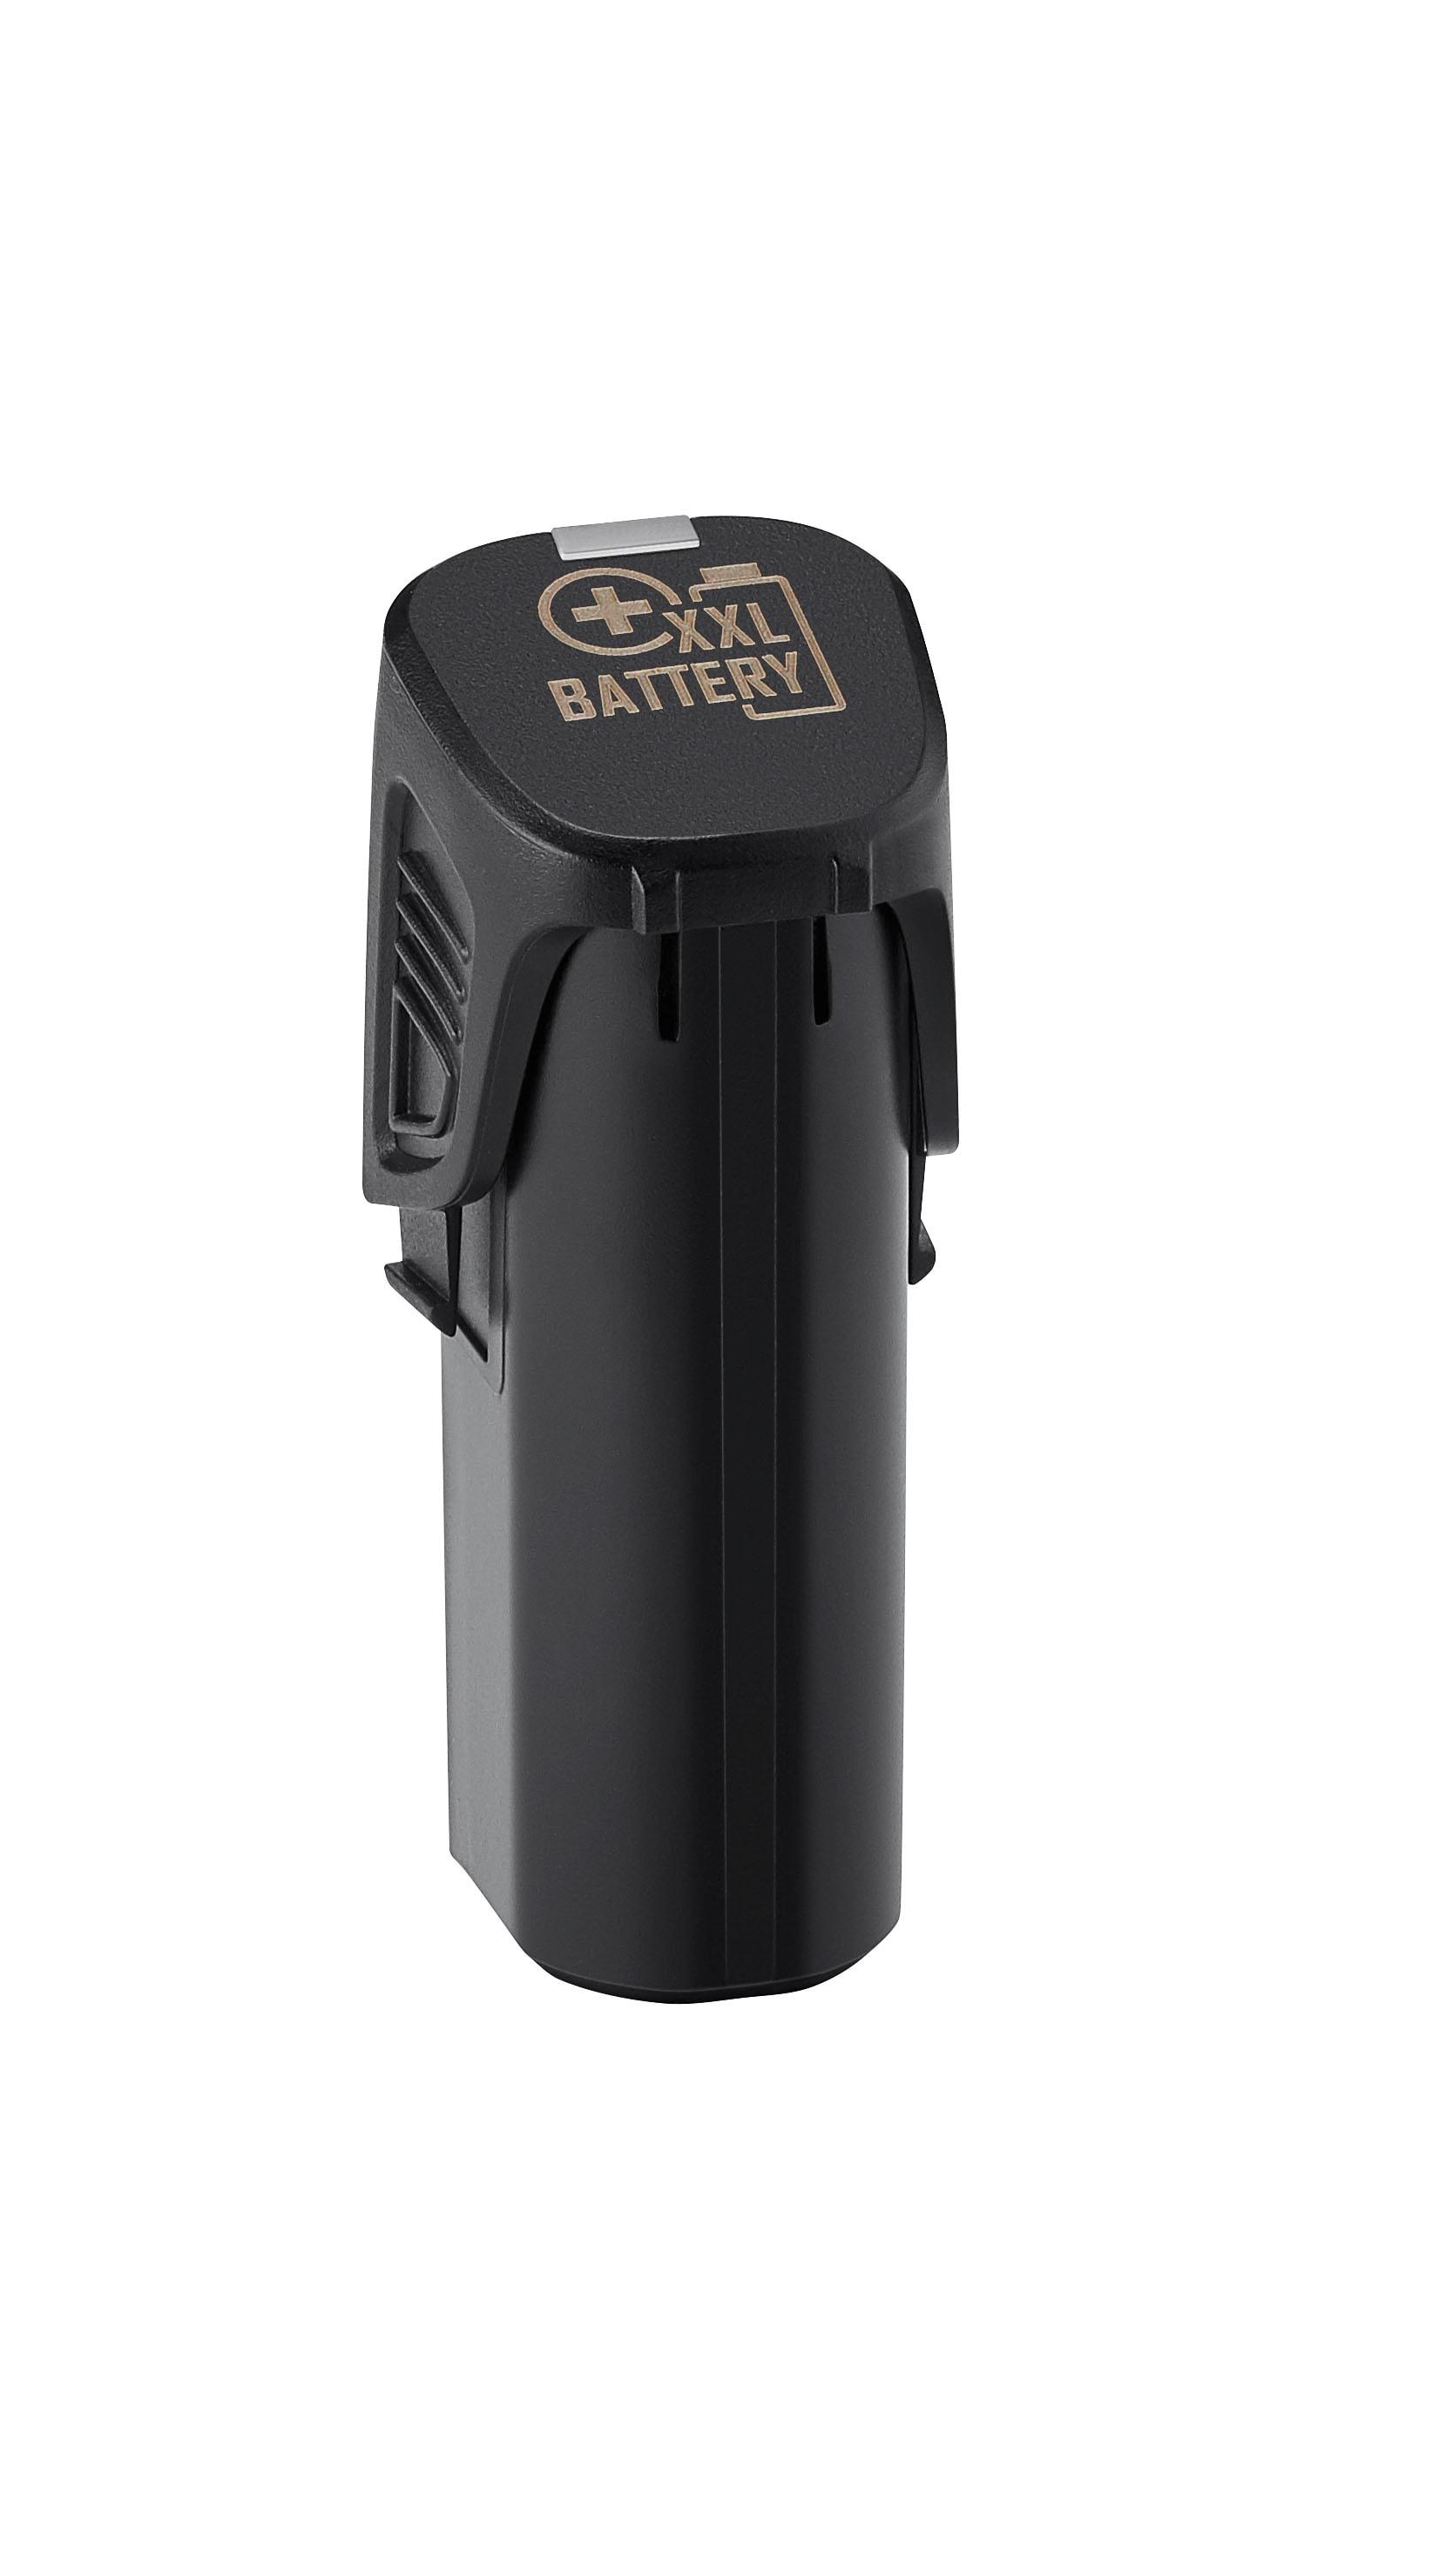 WAHL Adelar Pro Batteripakke - XXL